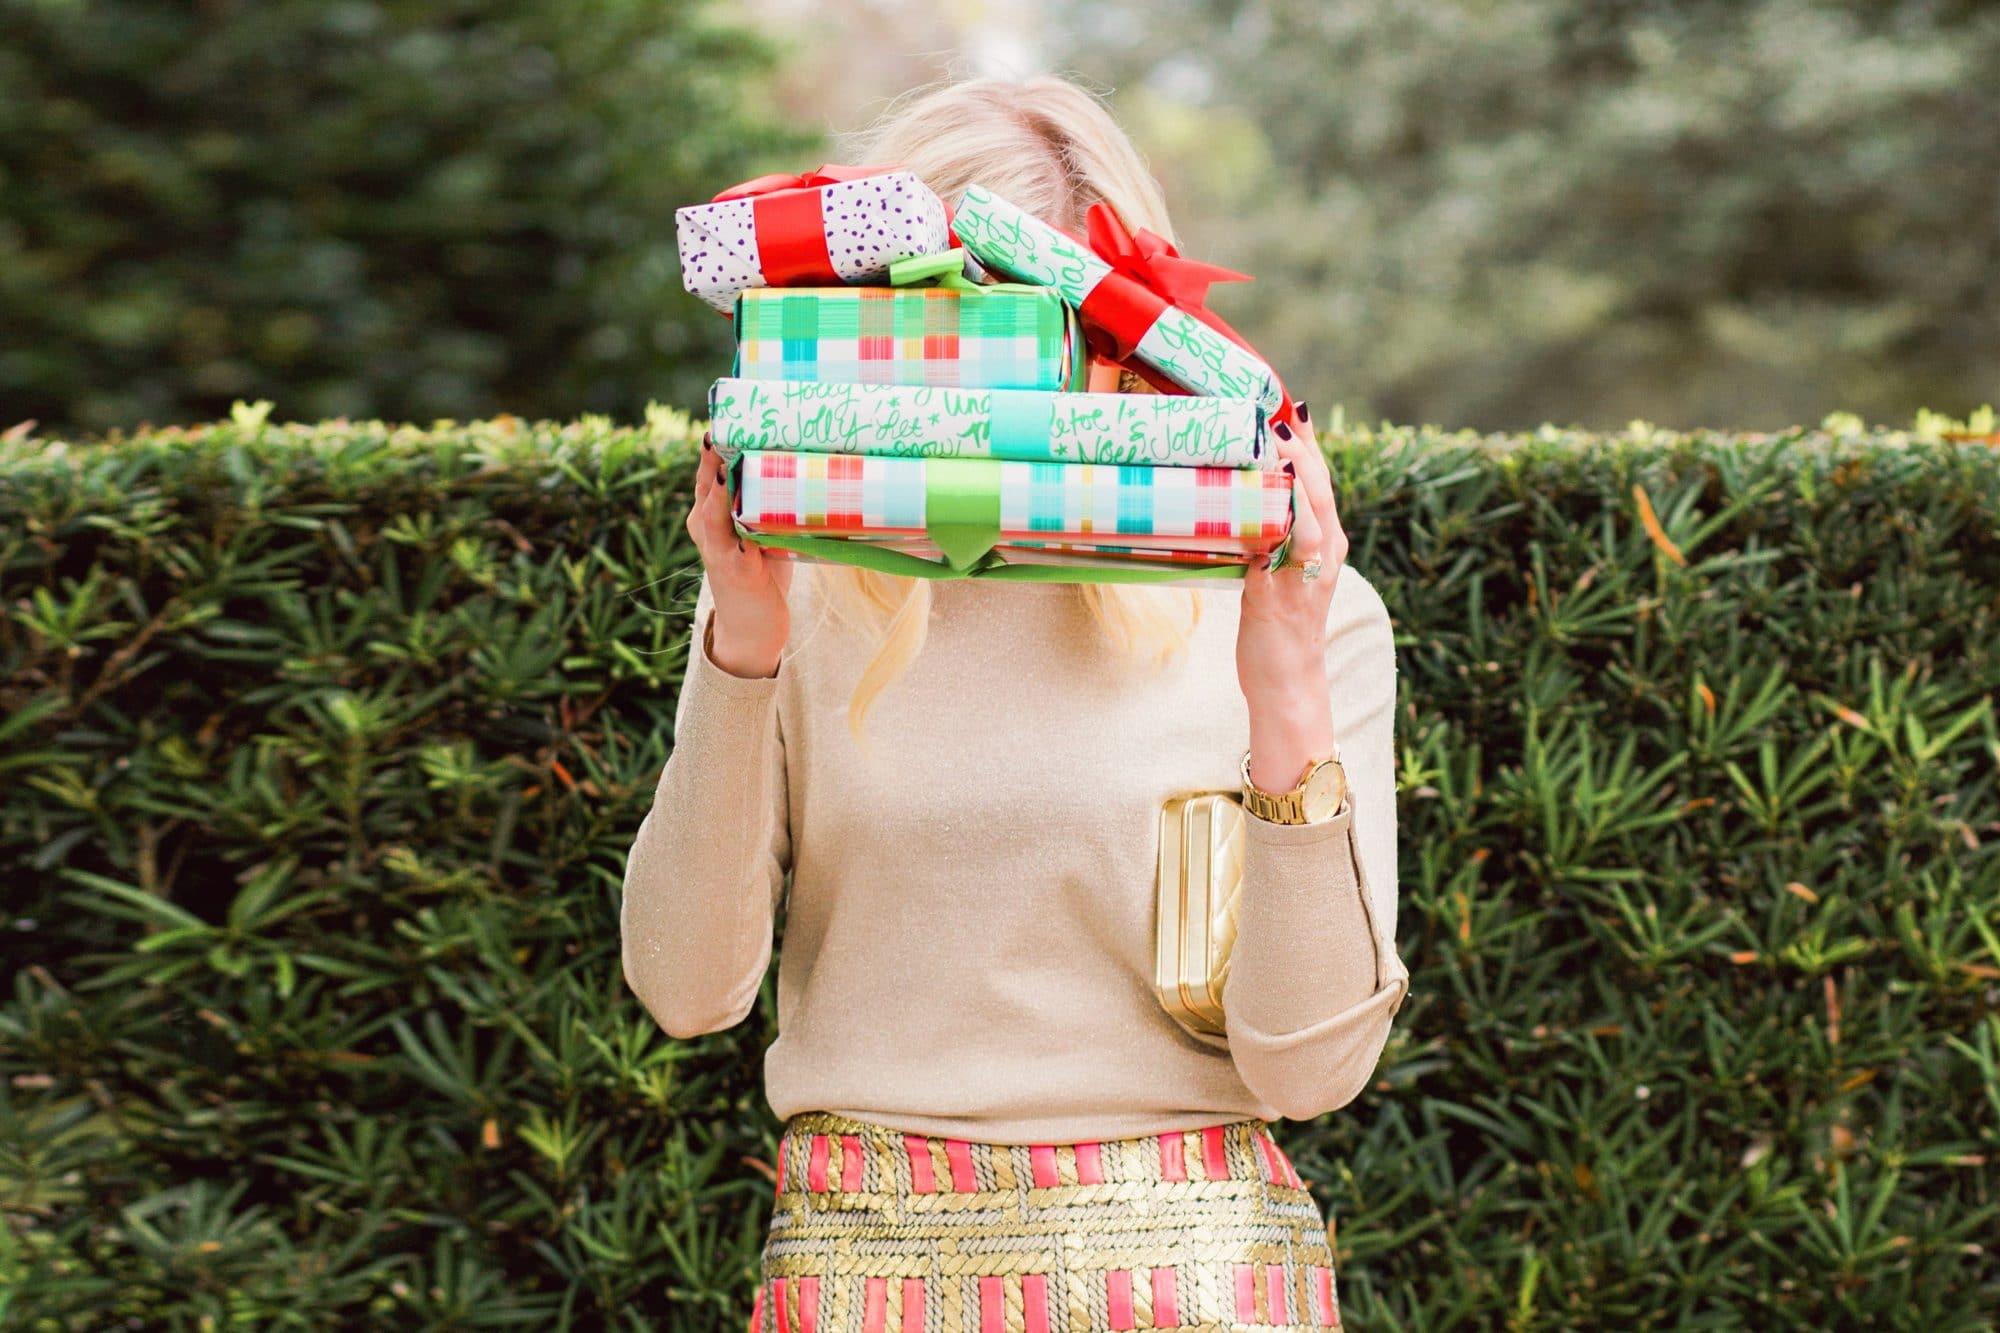 Gift Tracker Spreadsheet - Ashley Brooke Designs @ashleybrooke